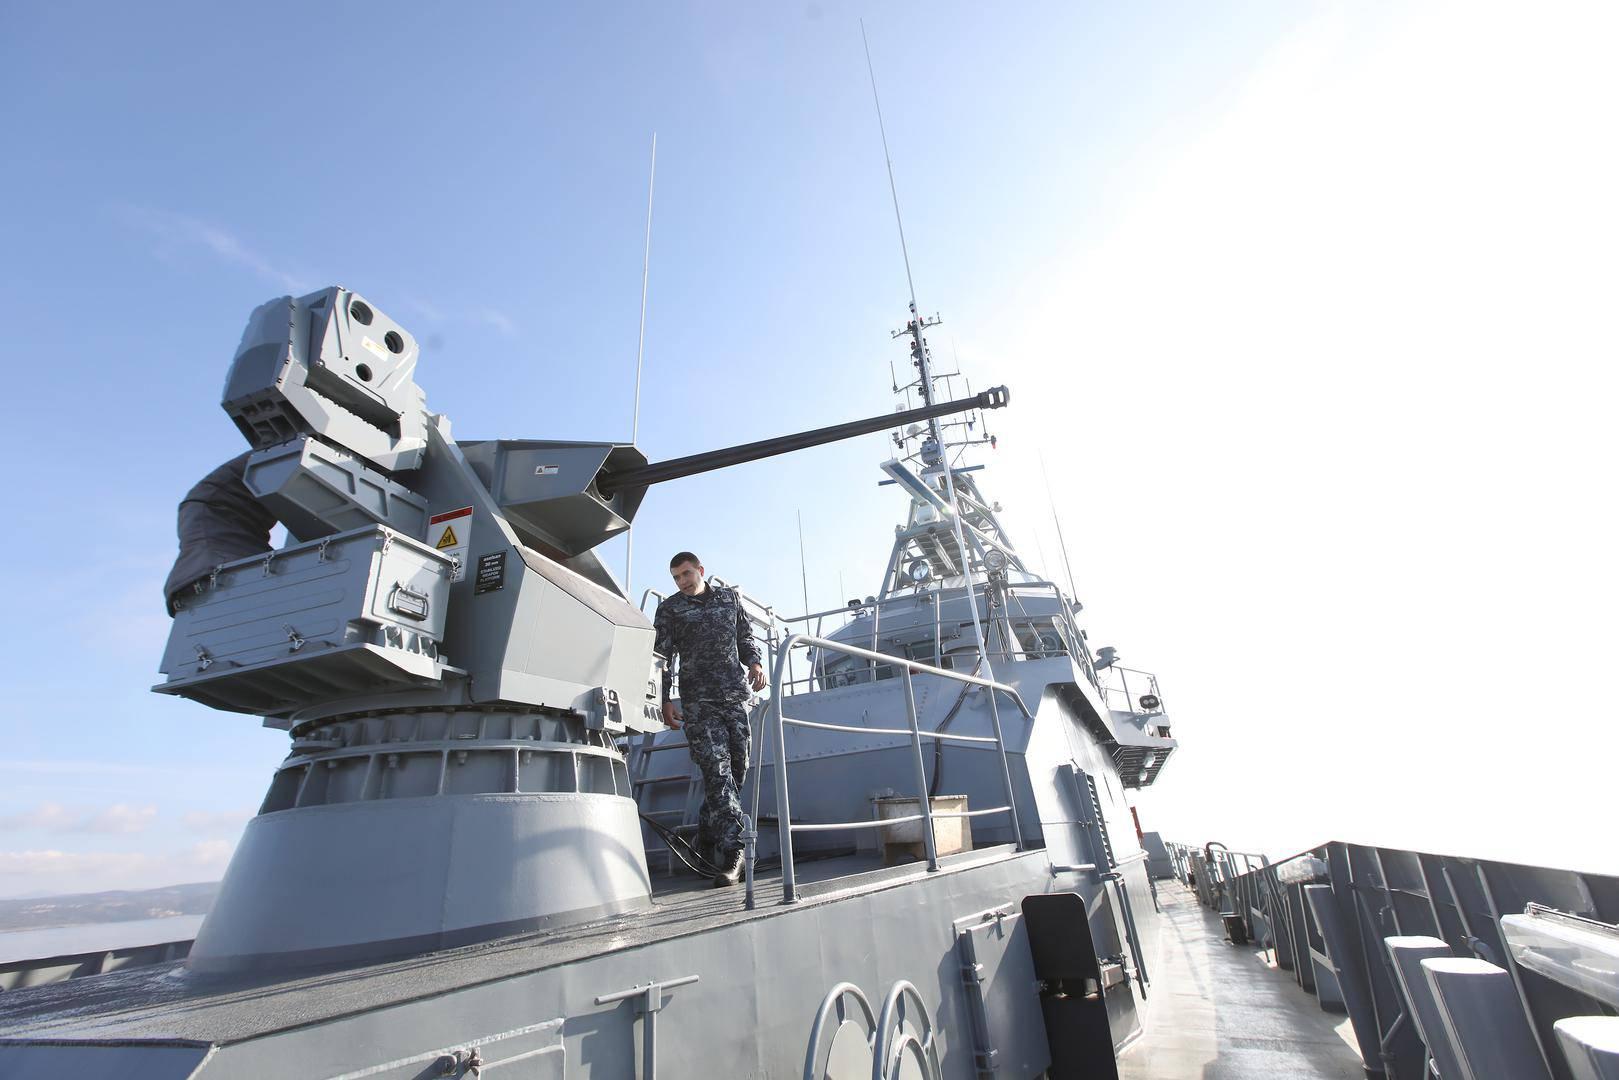 Hrvatska kupuje nove ophodne brodove, moćne radare, rakete